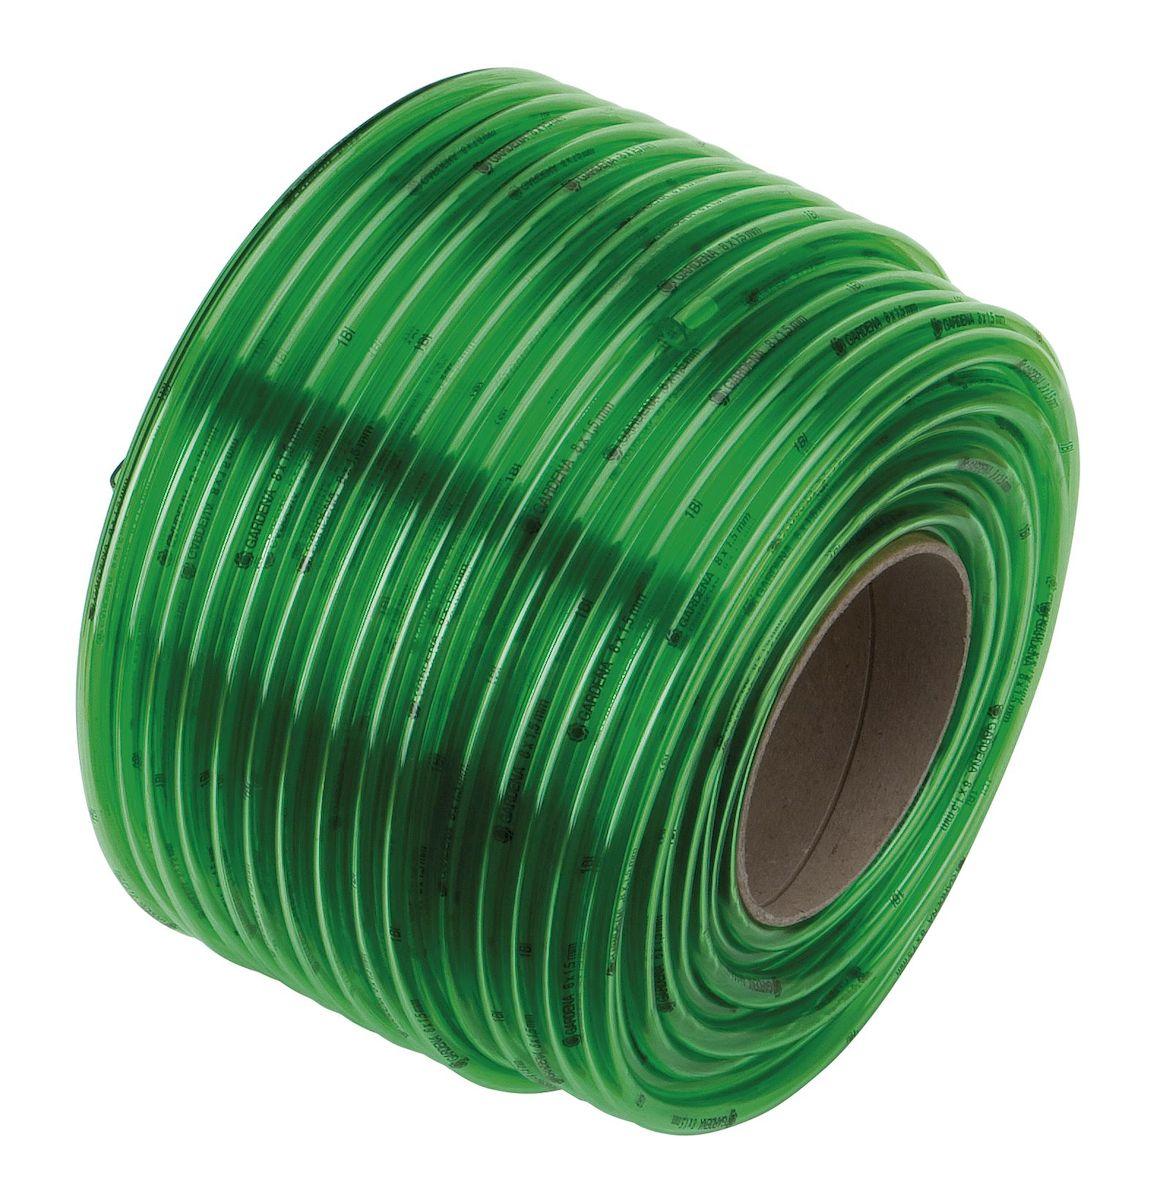 Шланг Gardena, прозрачный, диаметр 10, длина 50 м96281496Шланг Gardena изготовлен из прозрачного ПВХ. Шланг предназначен для транспортировки жидкостей без напора в диапазоне температур от -10°С до +50°С. Без текстильного армирования, без содержания регенератов, кадмия, свинца и бария